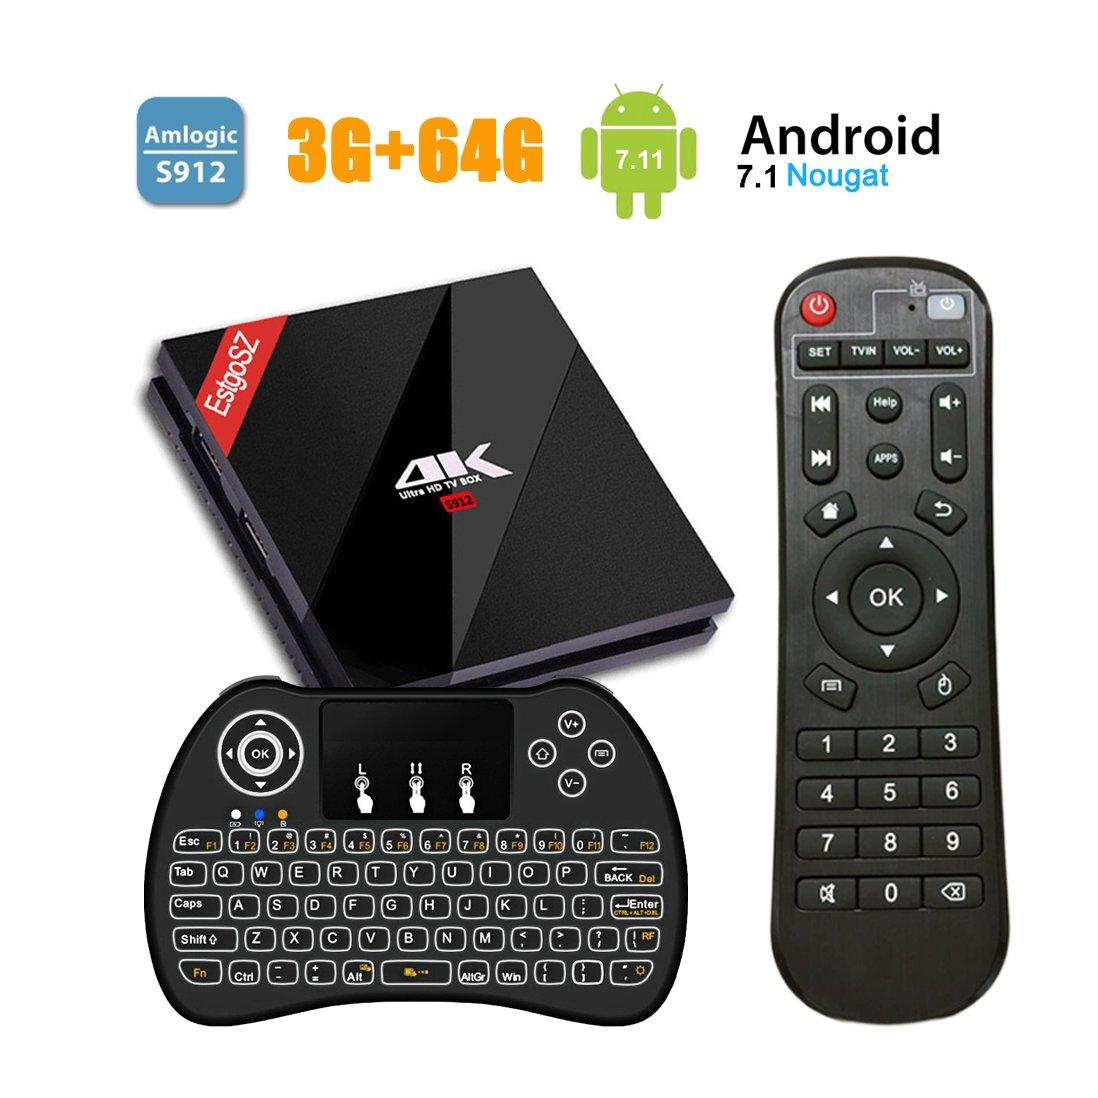 EstgoSZ Android 7.1 TV Box,3GB + 64GB 4K HD Smart TV Box avec Amlogic S912 Octa-Core 64bits, Boîtier TV avec Mini Clavier Rétroéclairé Sans Fil Support WiFi 2.4/5GHz Ethernet 1000M Bluetooth 4.1 H.265 UKSoku 3+64G+JP